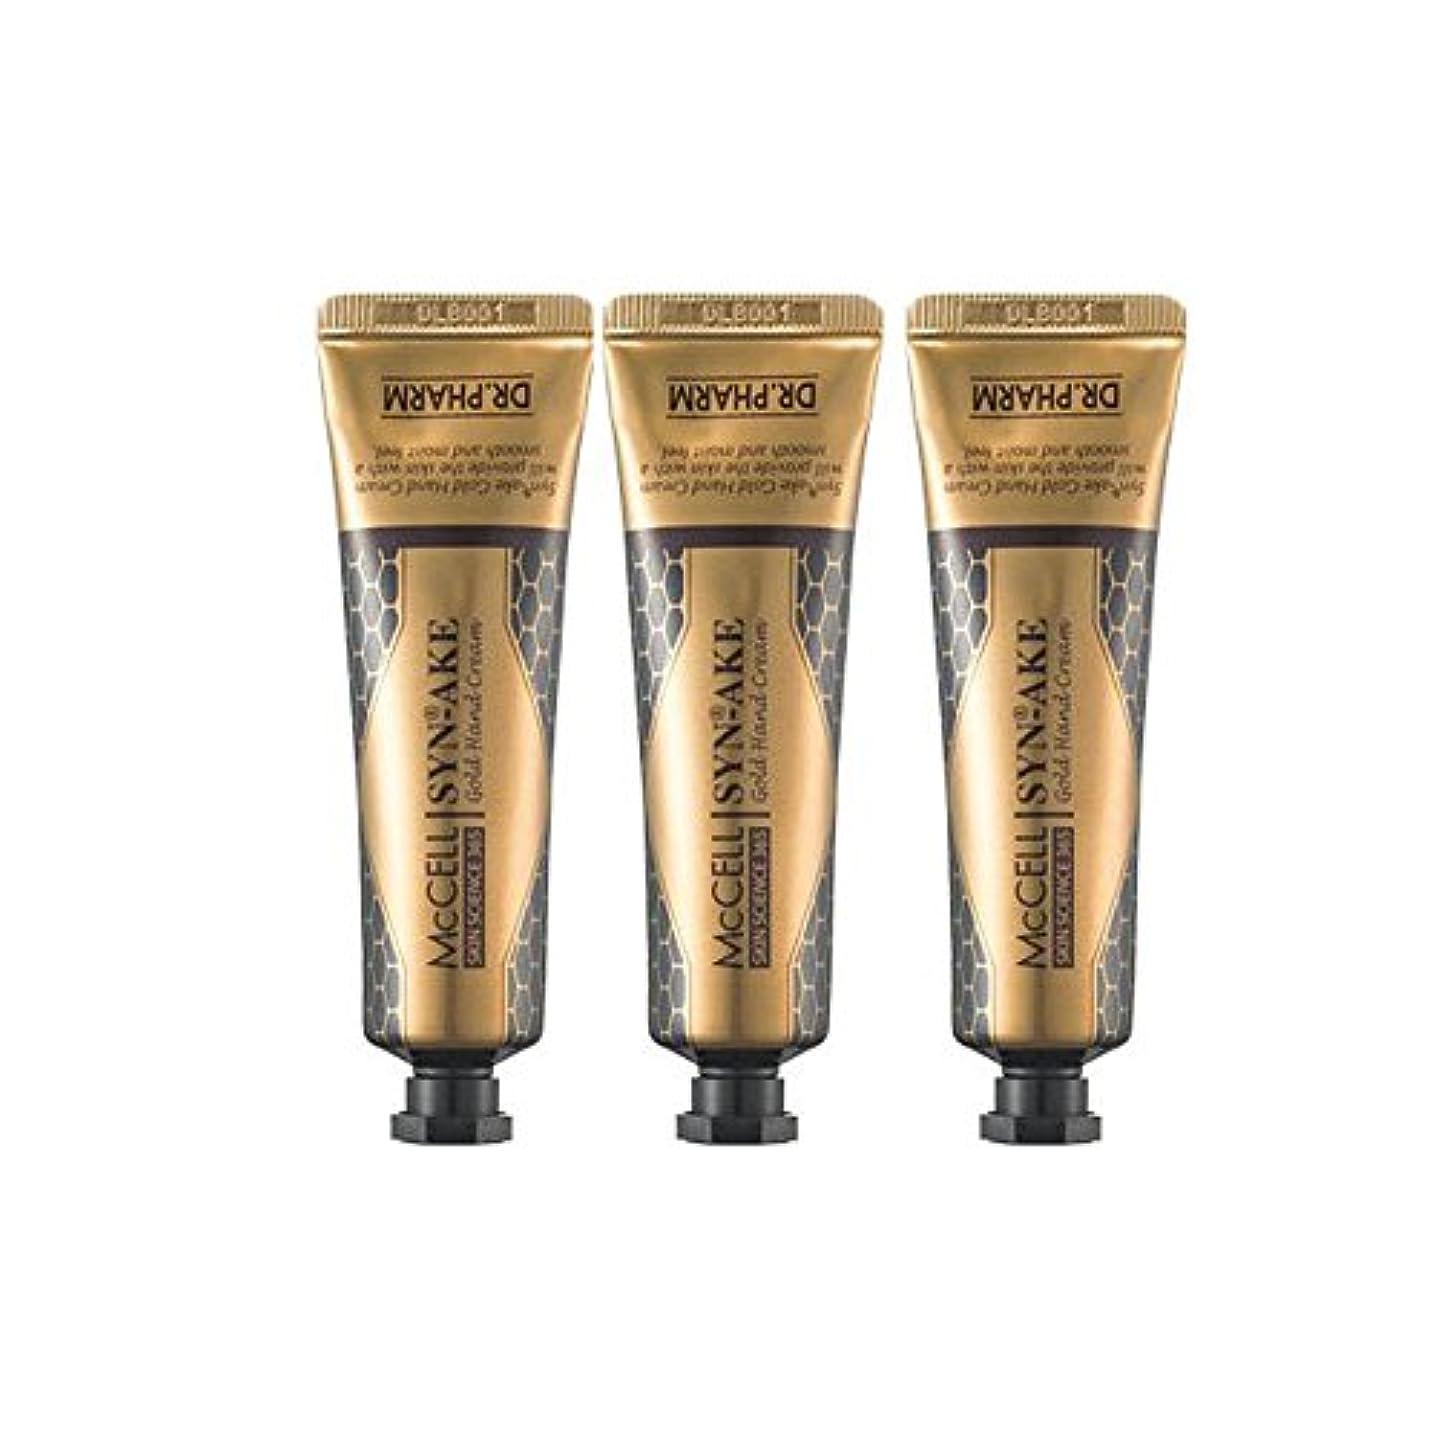 エンドテーブル炎上カイウスドクターパム マクセル シンエイク ハンドクリーム 3本セット(30g*3ea) Dr.Pharm McCELL Synake Gold Handcream 30g*3ea